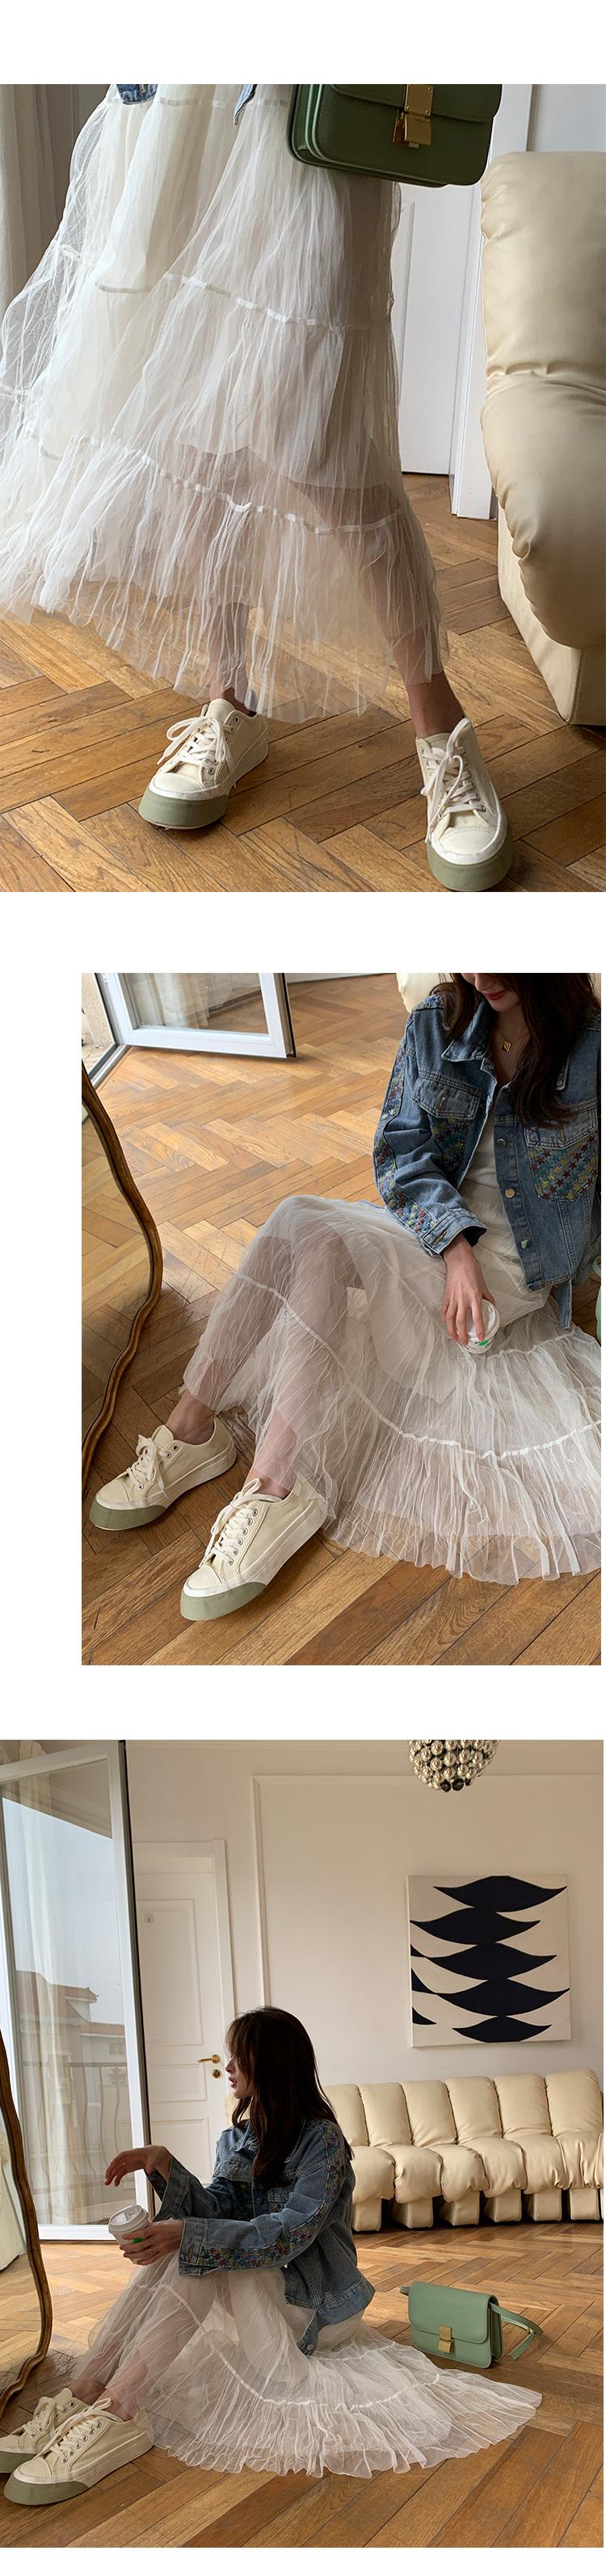 韓國小葉的店~南家女孩私人訂製款 肯尼亞 紗裙半身裙女夏2021春款白色網紗裙子洋裝